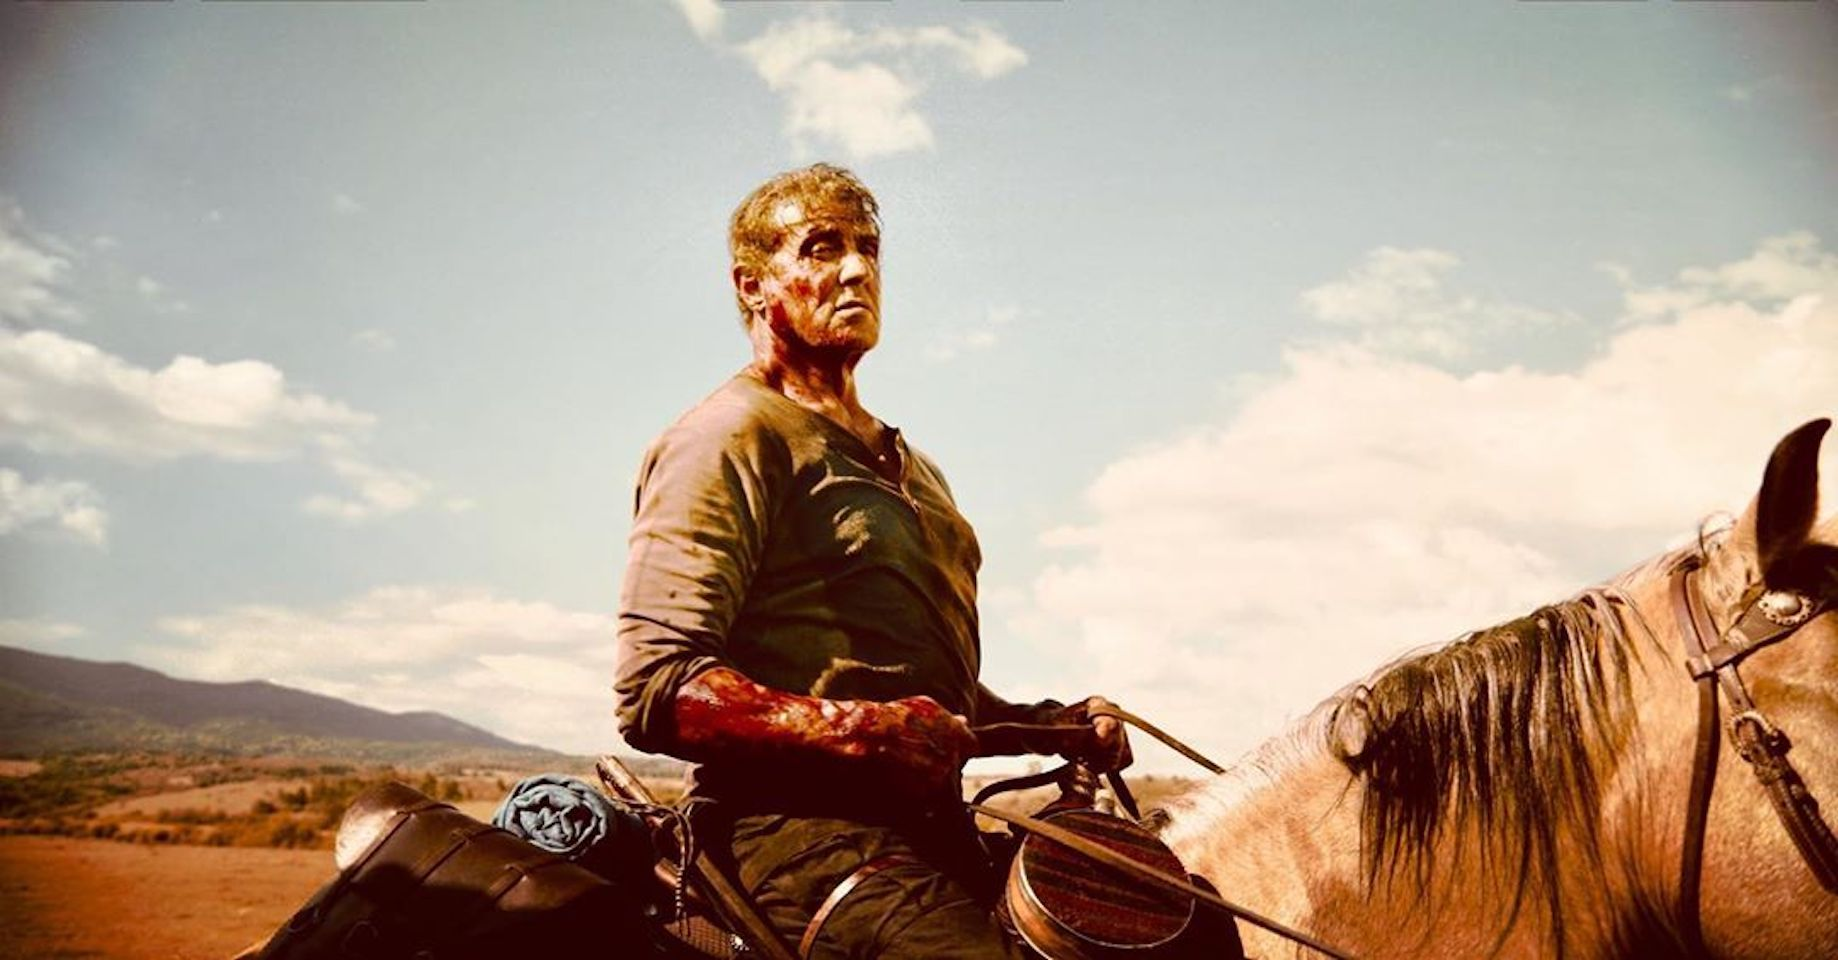 Zwiastuny do obejrzenia w ten weekend – 30 tytułów z trailerami